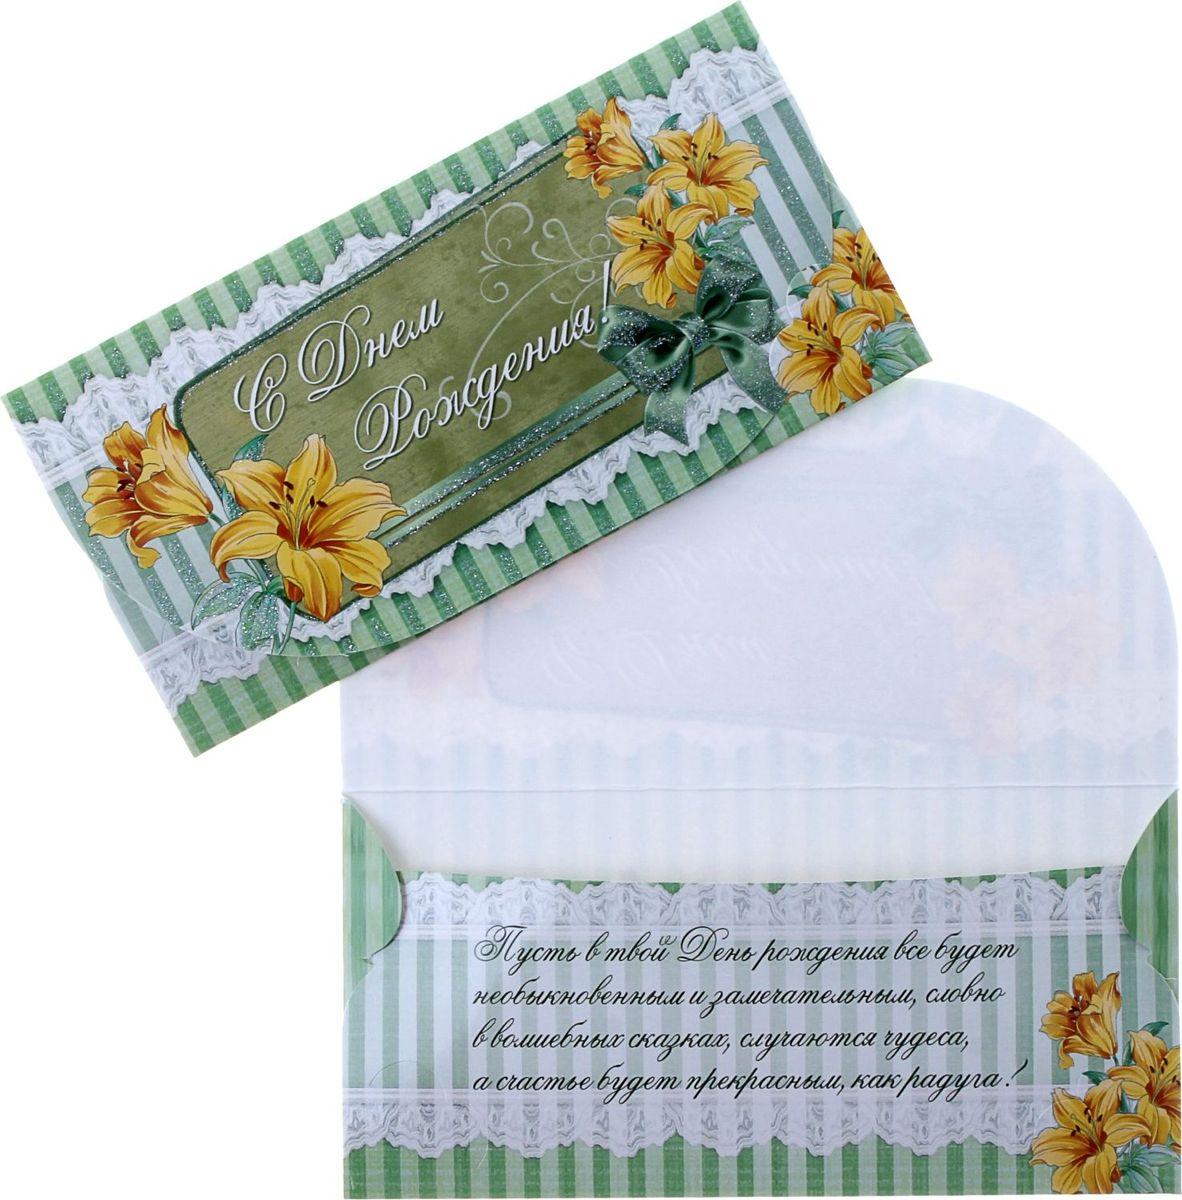 Конверт для денег Фокскард С Днем рождения! Лилии желтые, 17 х 8 см515760Всем известно, что хороший подарок - это полезный подарок. А деньги уж точно не будут пылиться в дальнем углу шкафа. Их можно преподнести на любое торжество. Подберите для своего подарка оригинальный конверт и скорее дарите близким радость!Изделие изготовлено из плотного картона, поэтому вы можете не беспокоиться за целостность его содержимого.